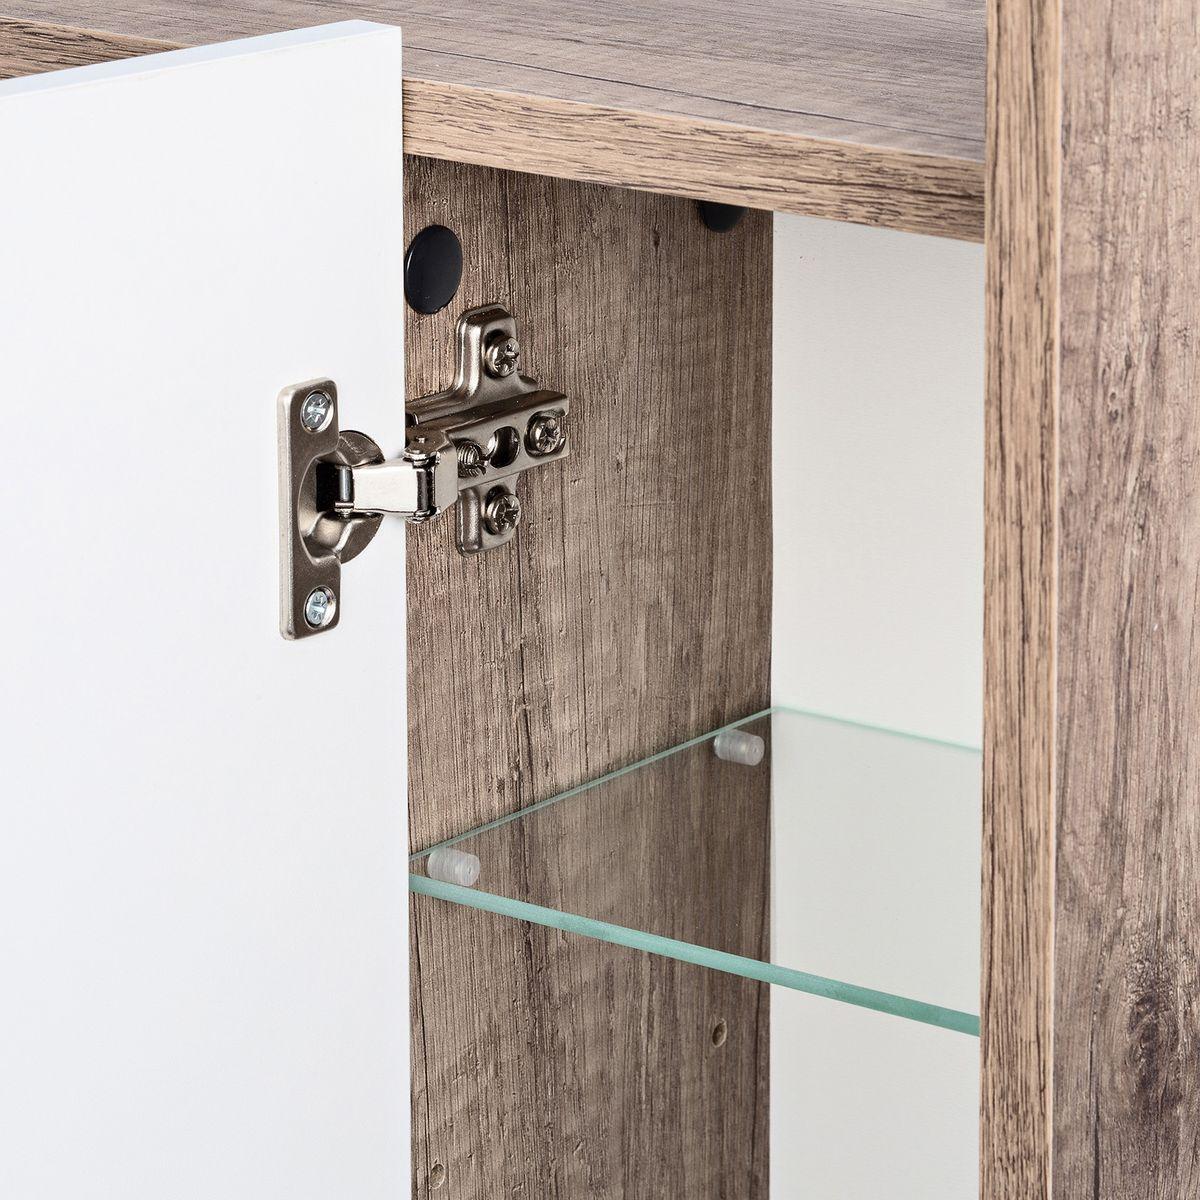 Galdem Spiegelschrank FROSTI mit Waschbeckenunterschrank Madison Monumental OAK – Bild 4